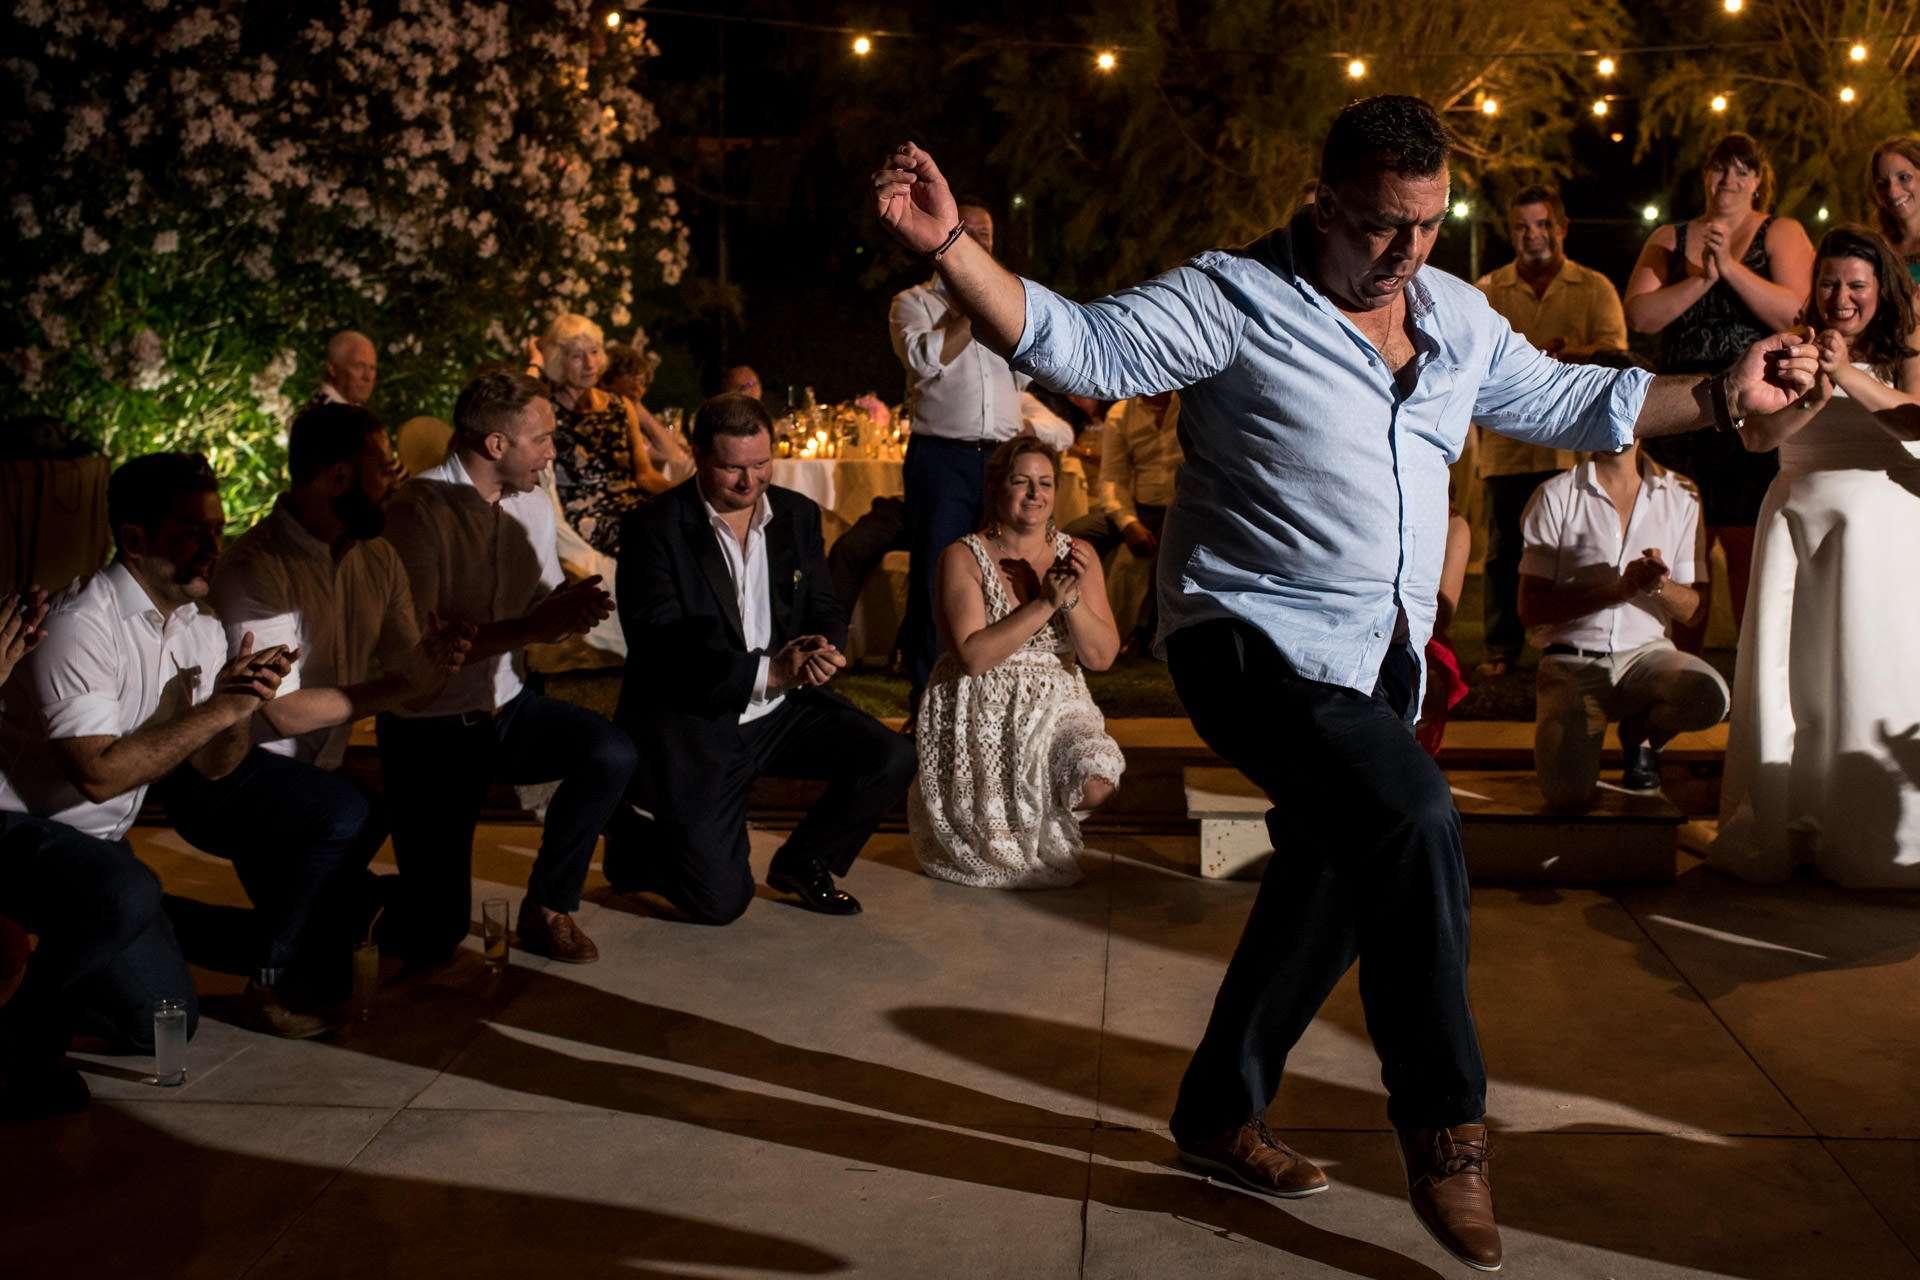 An Athens Wedding photographer capturing greek dancing